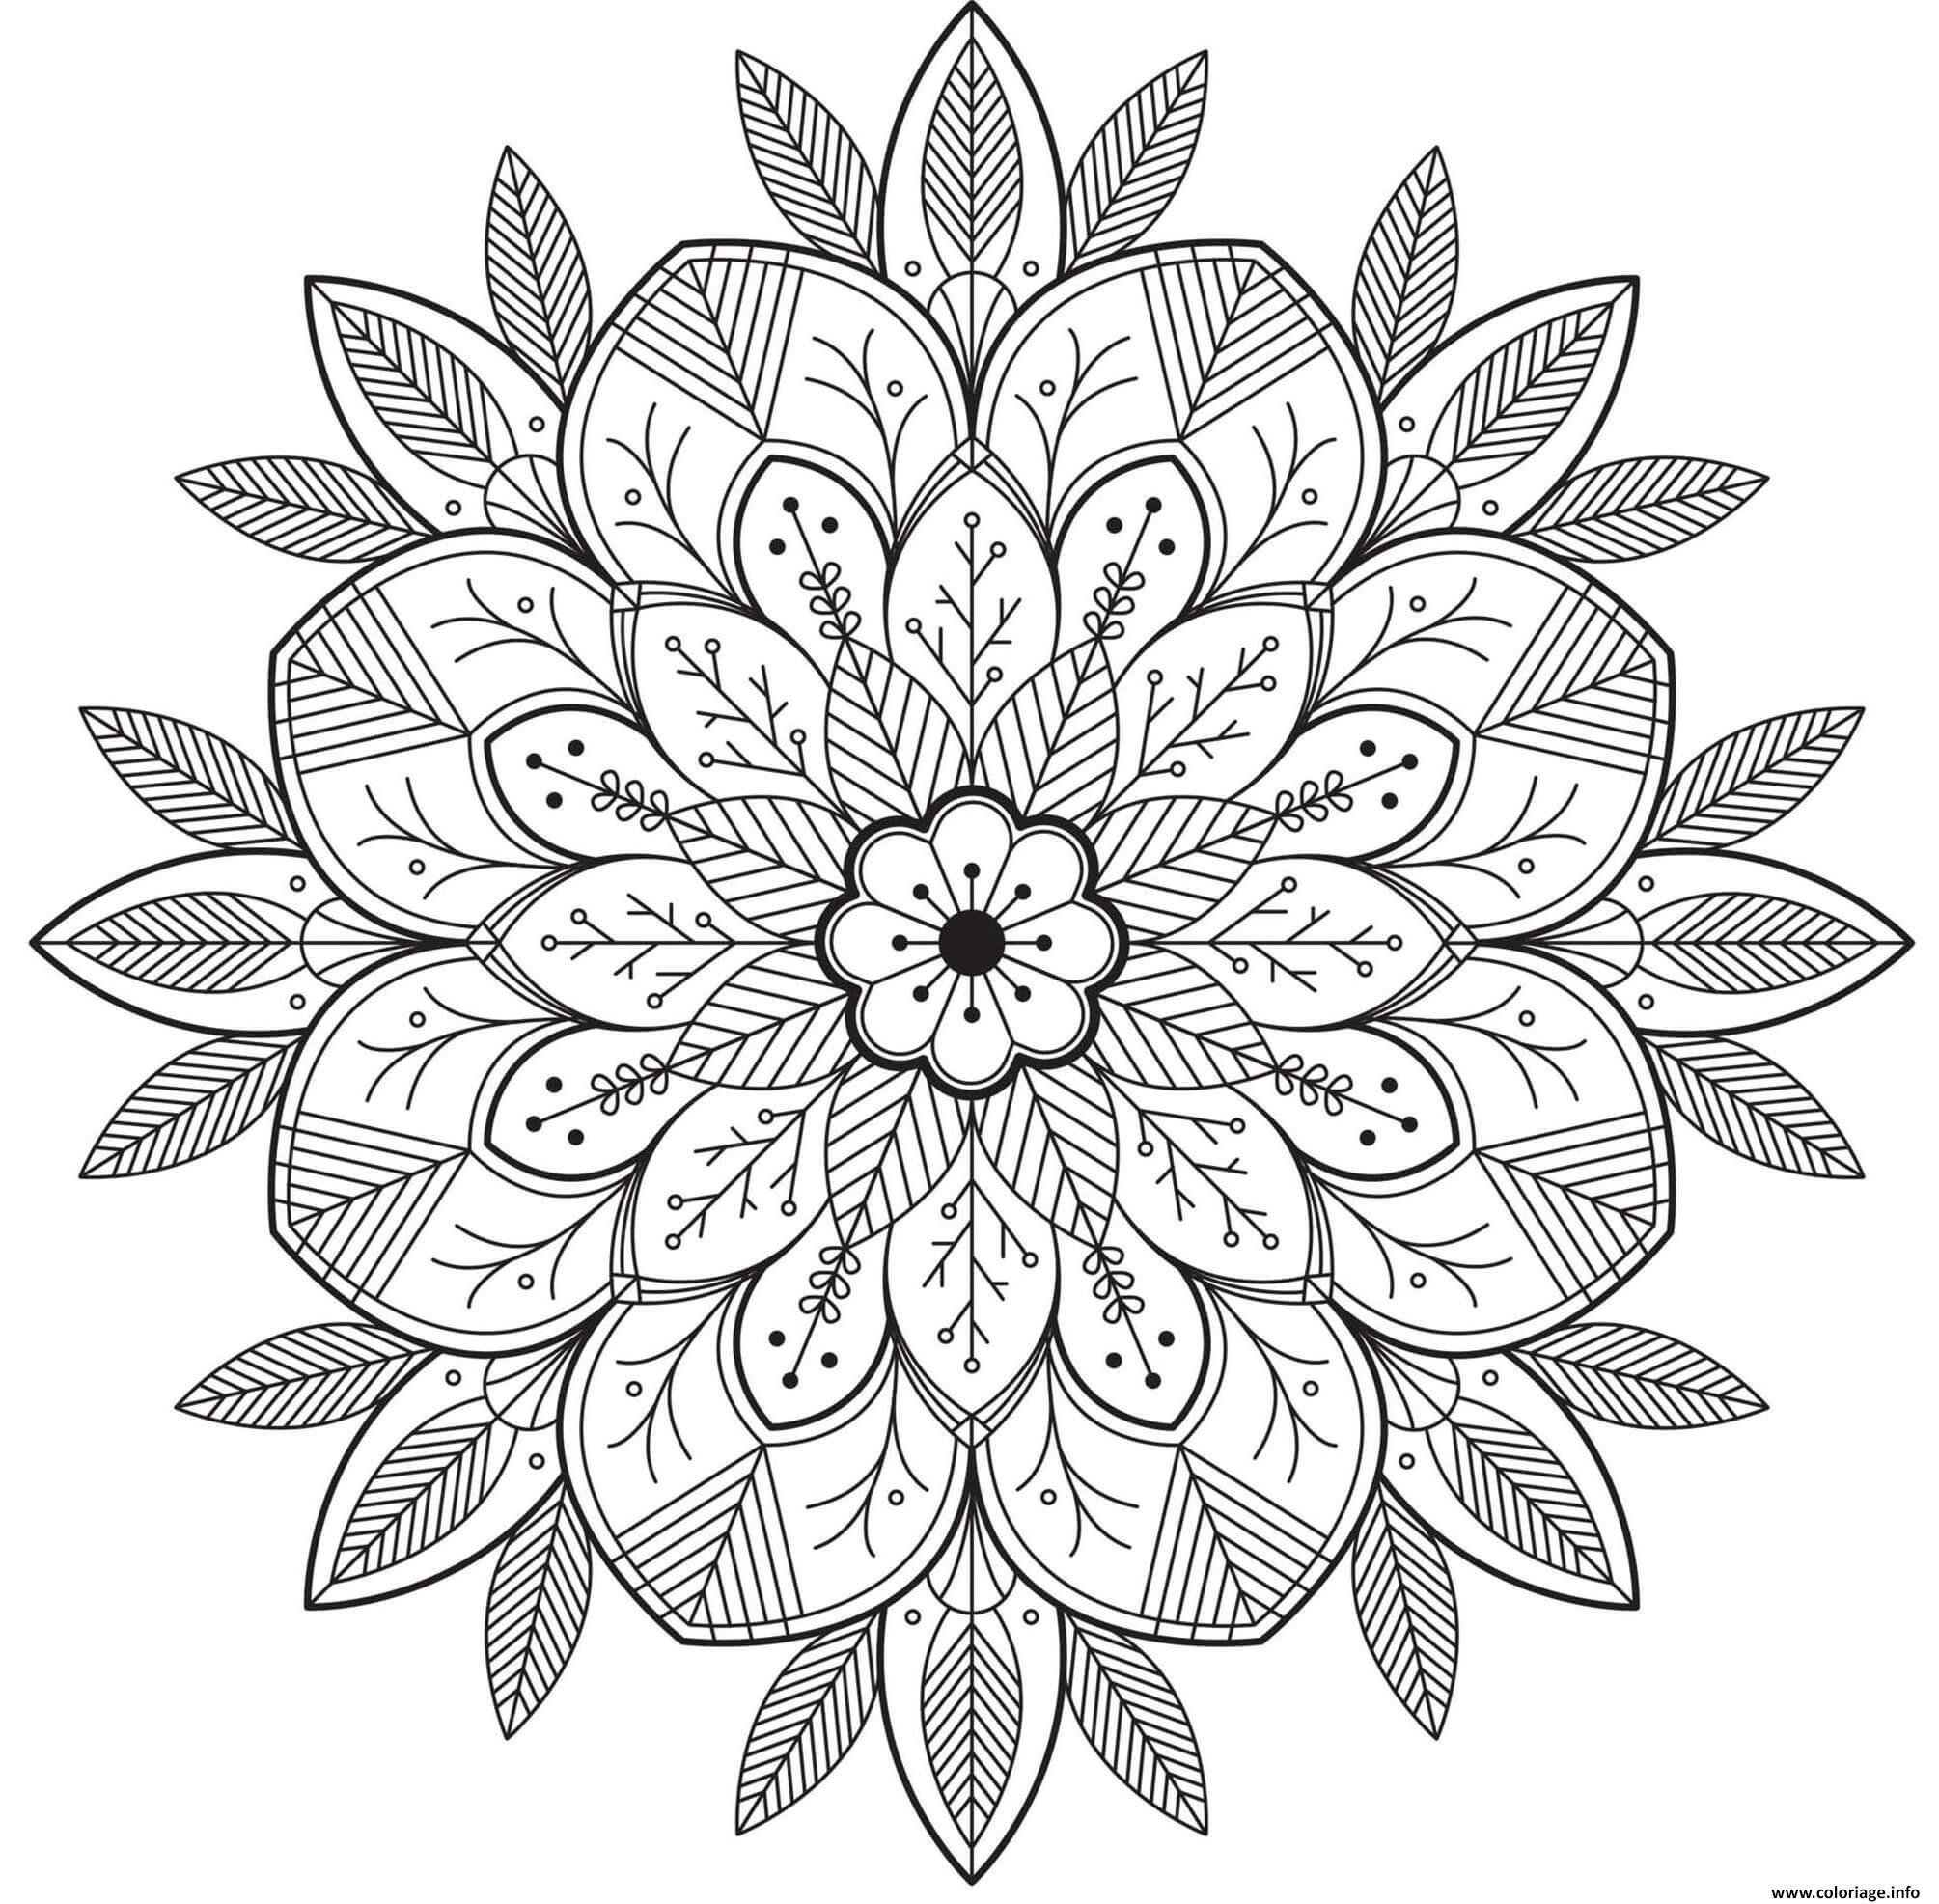 Coloriage Mandala Fleur Et Feuilles Pour Adulte Dessin ...